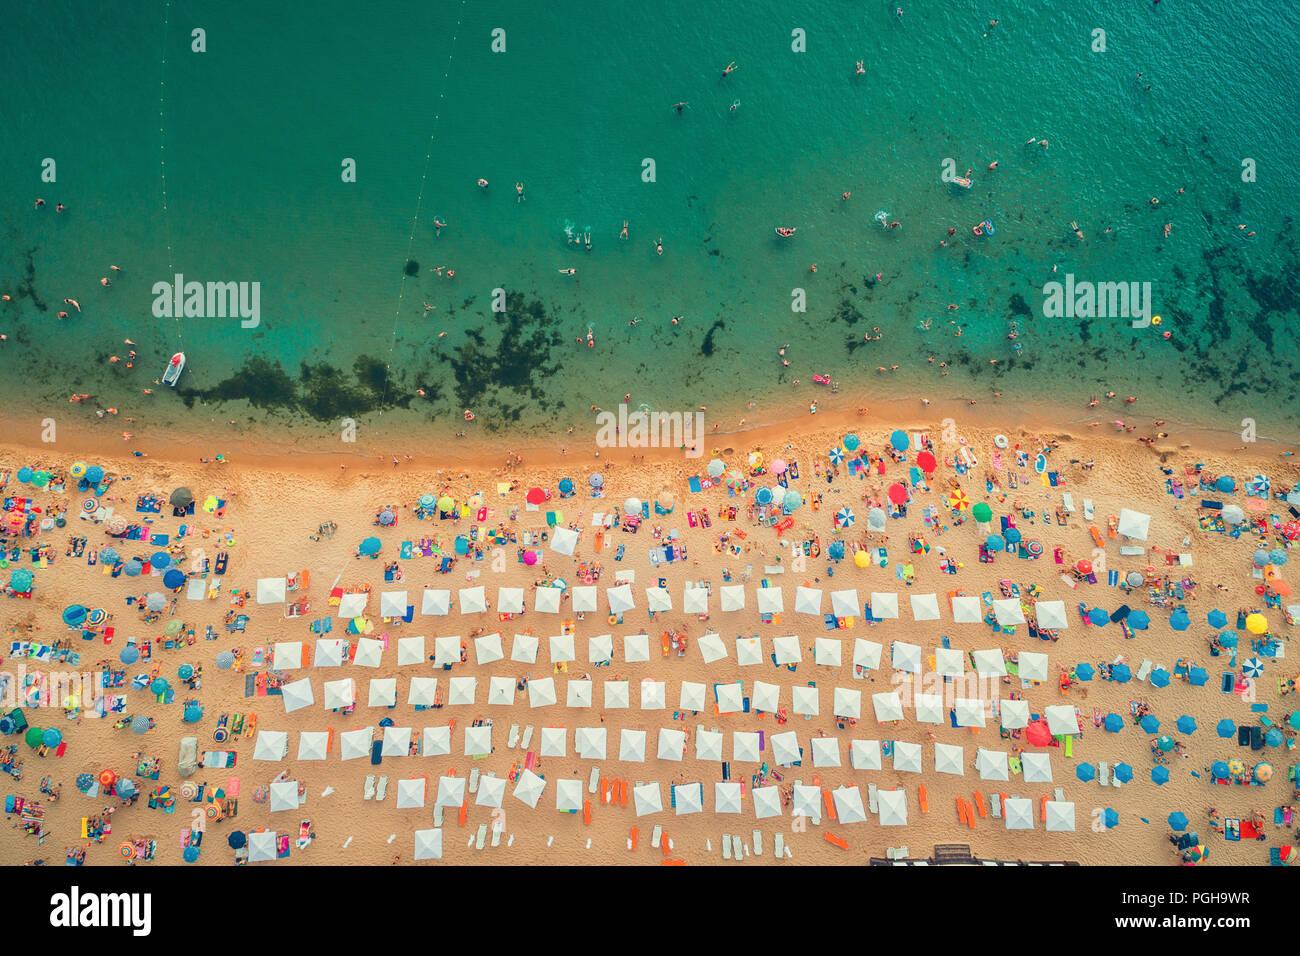 Antenne top Aussicht auf den Strand. Menschen, Schirme, Sand und Meer Wellen Stockfoto